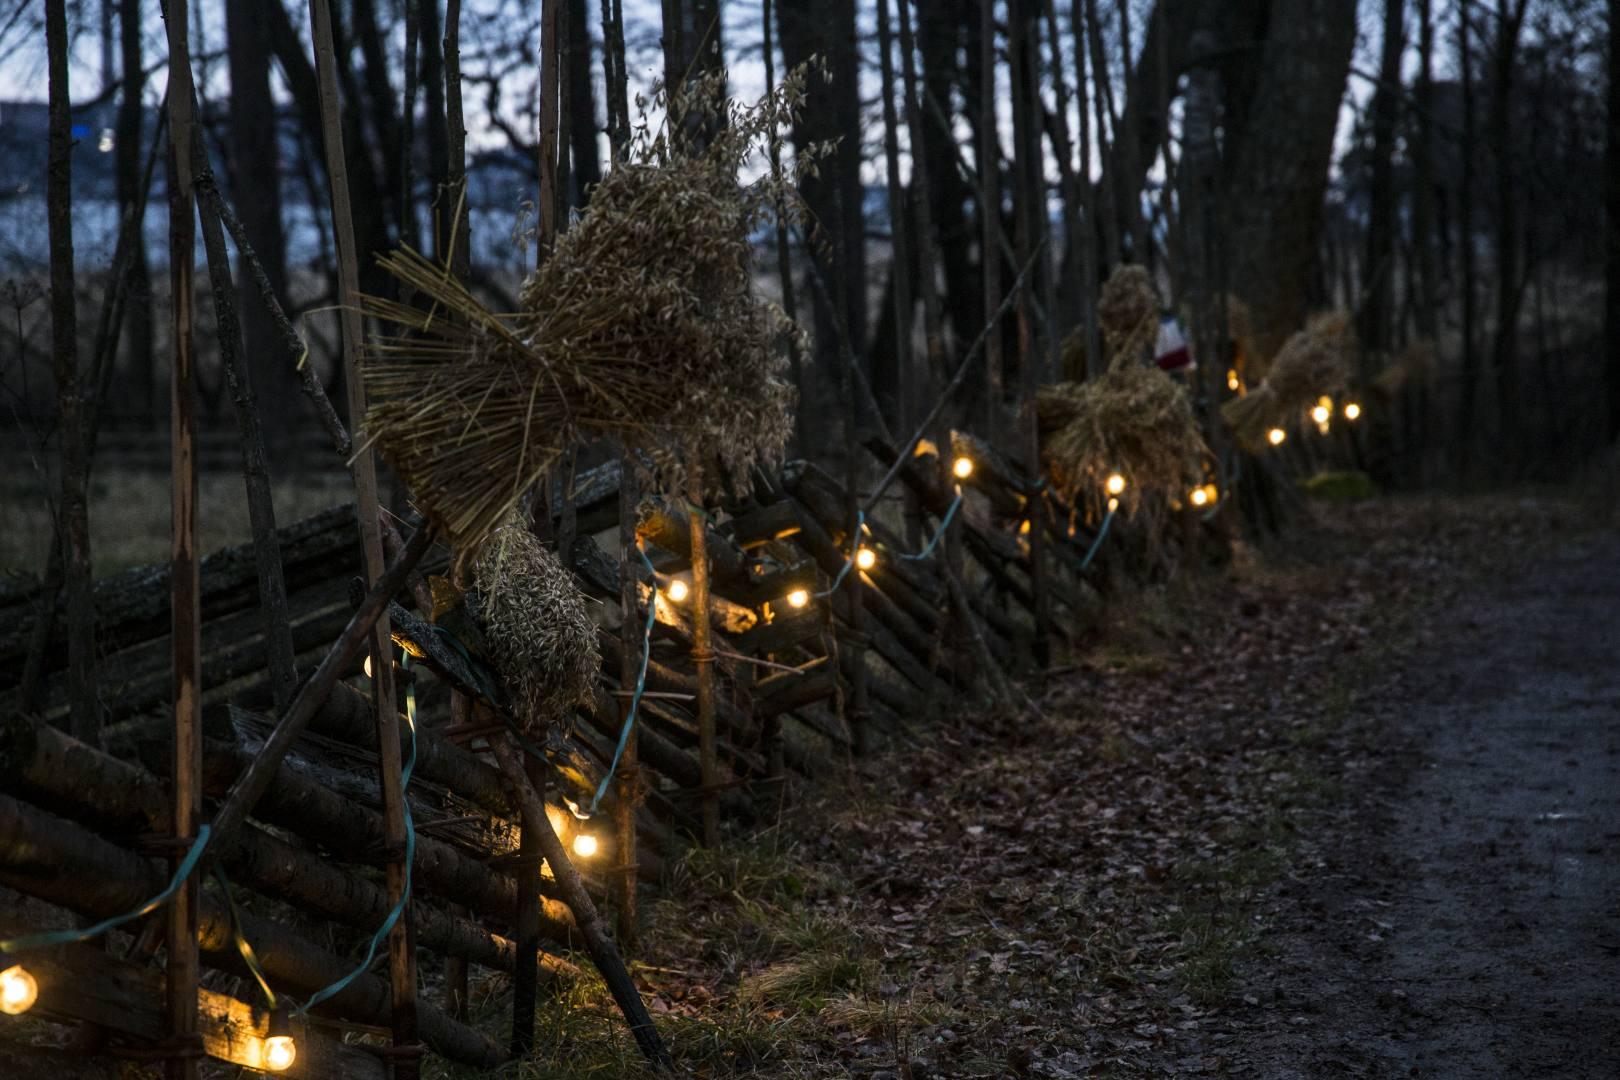 seurasaaren joulu 2018 Seurasaaren joulupolku, eli tonttuilua ja tinttailua iltahämärässä  seurasaaren joulu 2018